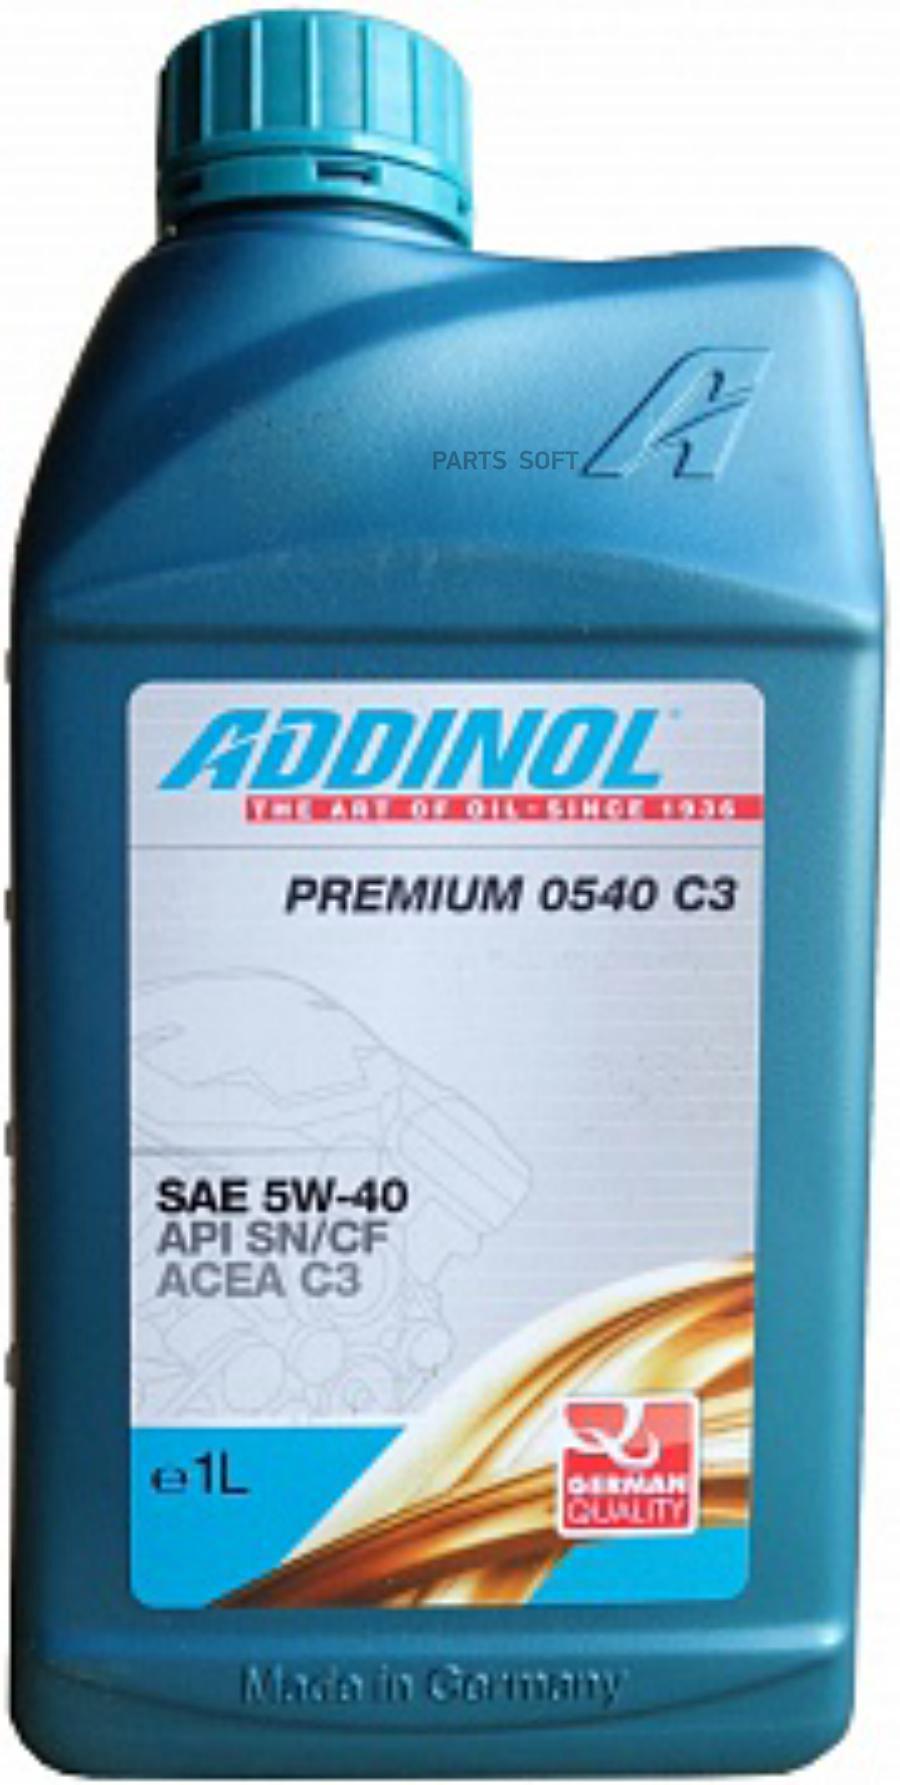 Моторное масло Premium 0540 C3